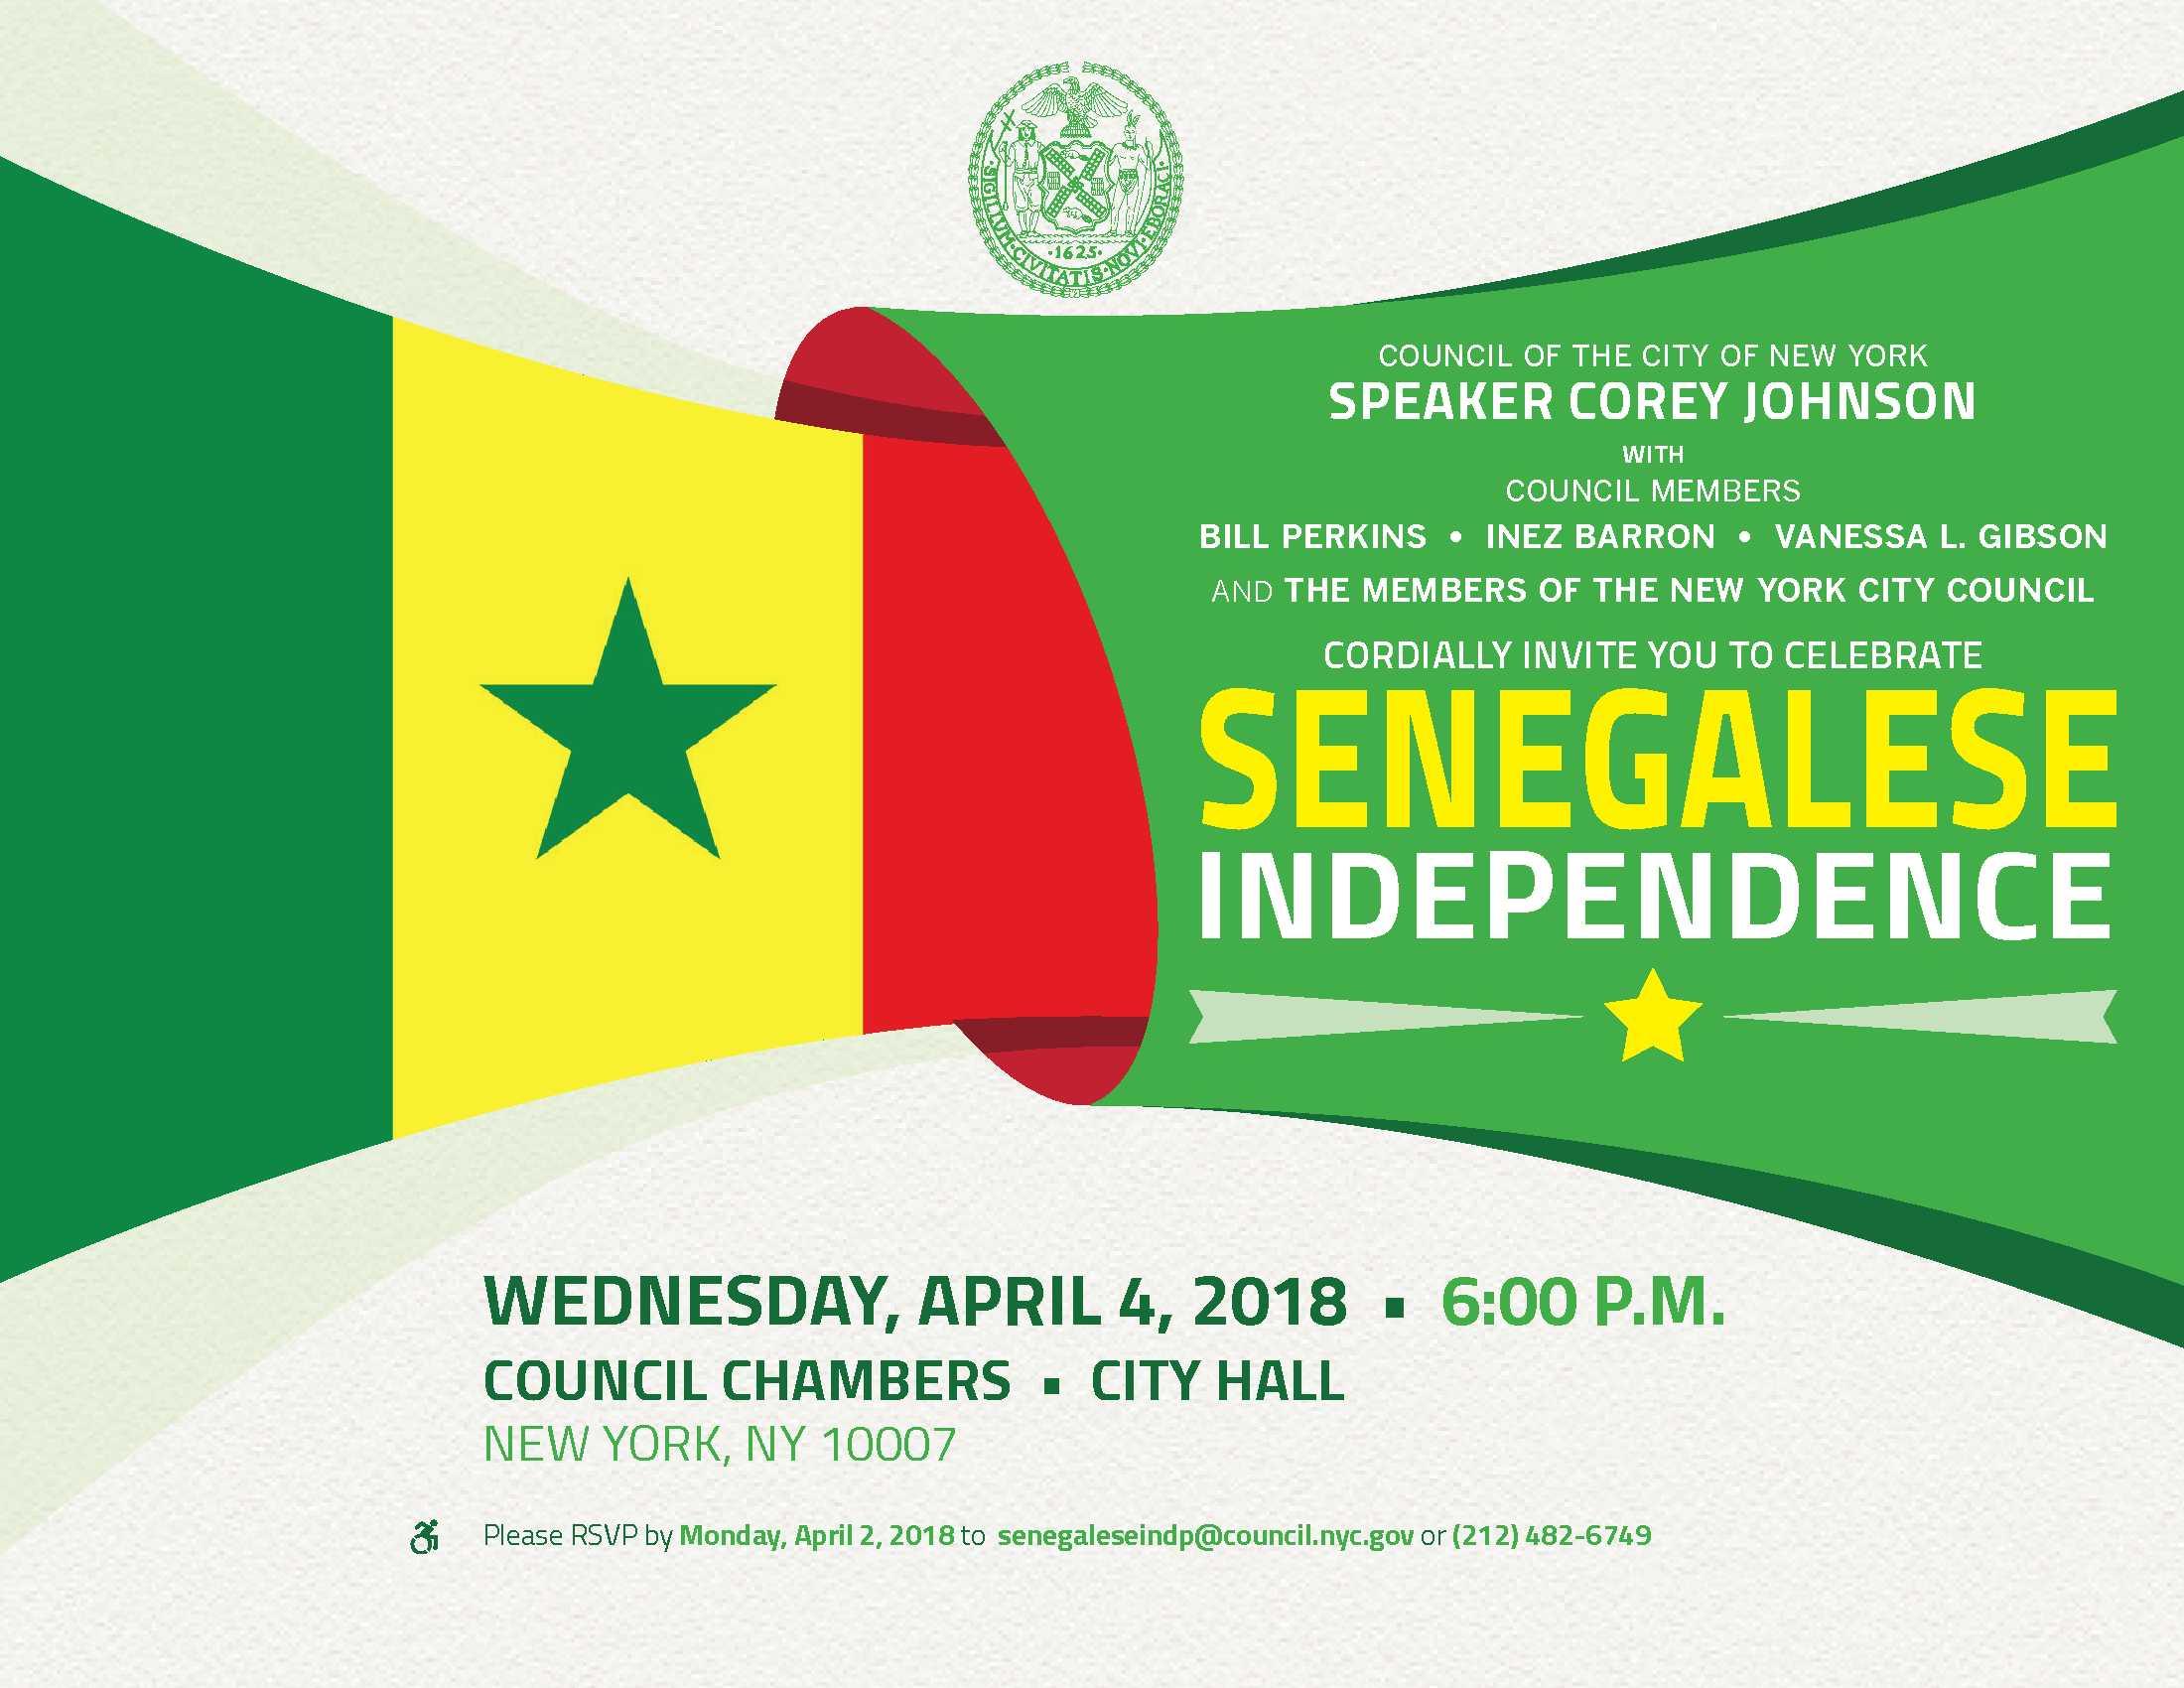 Etats-Unis : En collaboration avec le Conseil municipal de la ville de New York, l'A.S.A célèbre le 58e anniversaire de l'indépendance du Sénégal